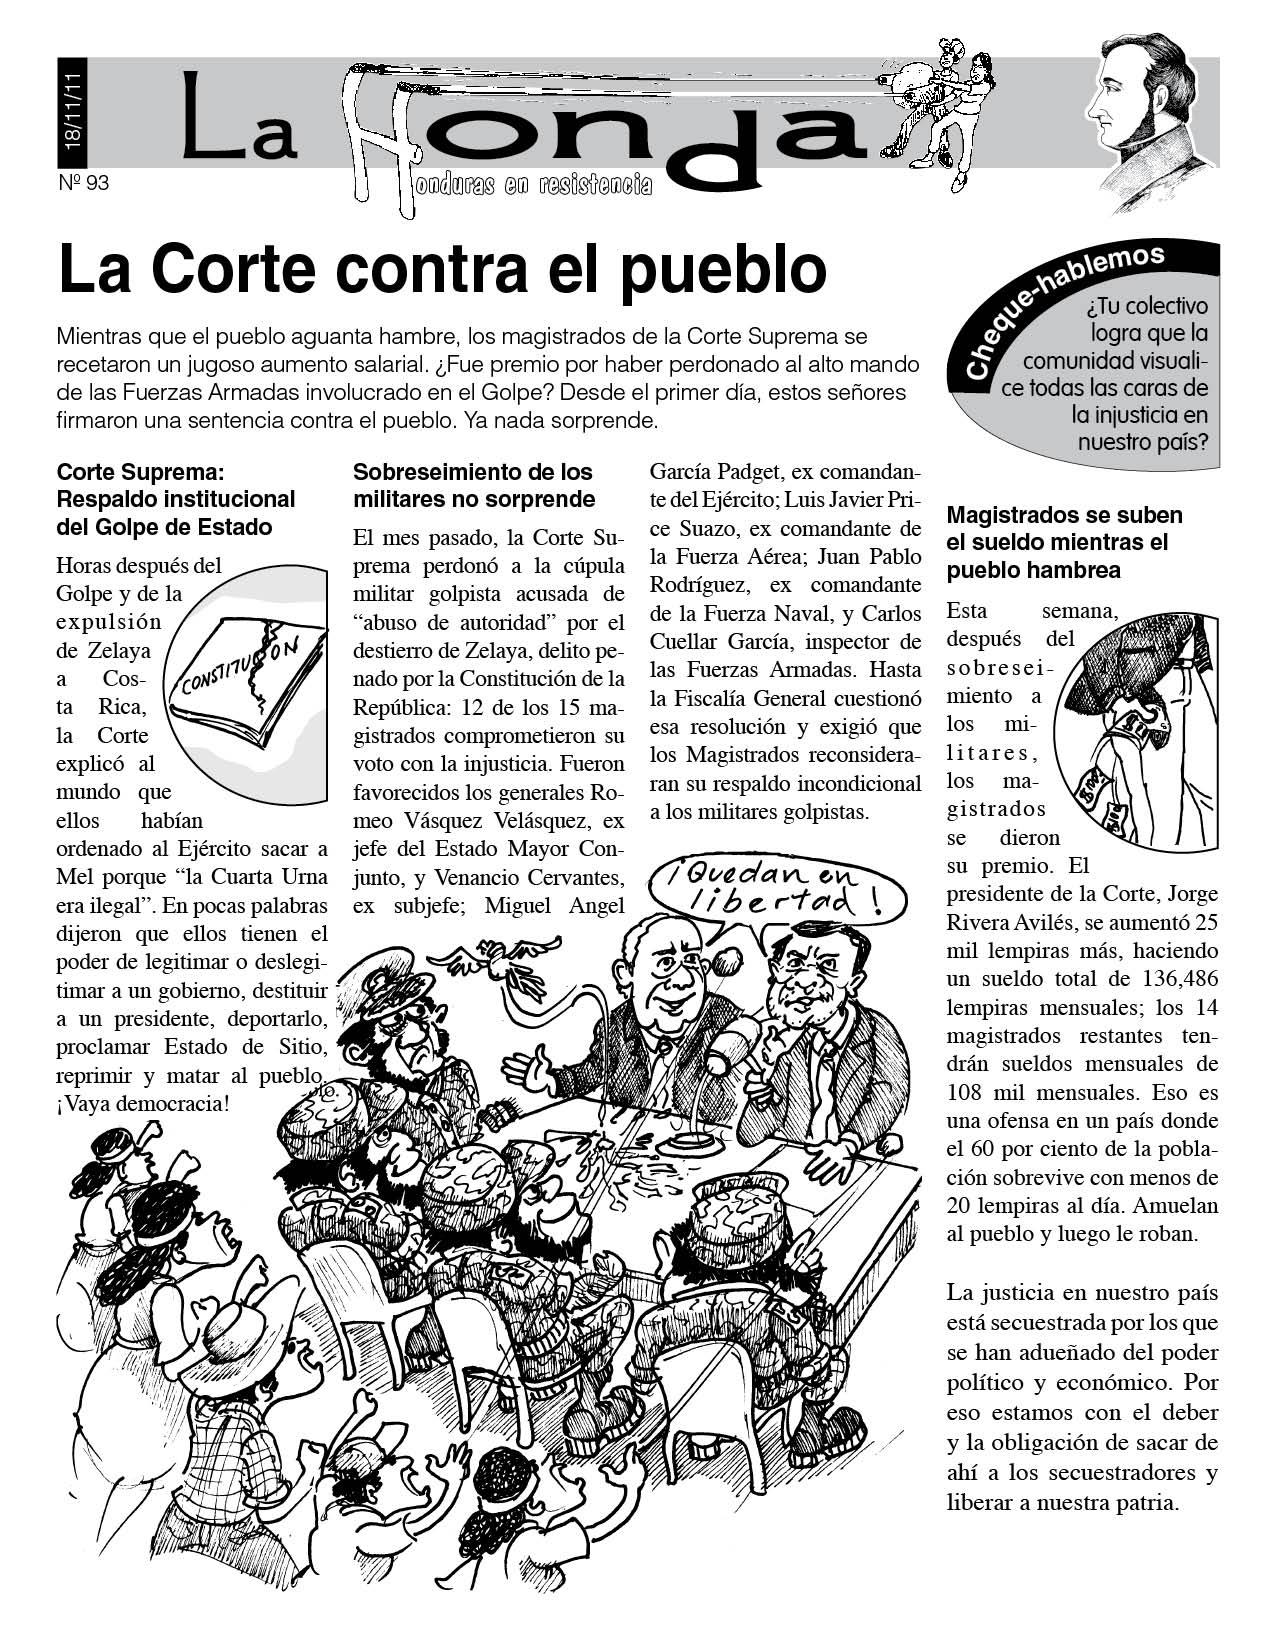 La Honda 93: La Corte contra el pueblo